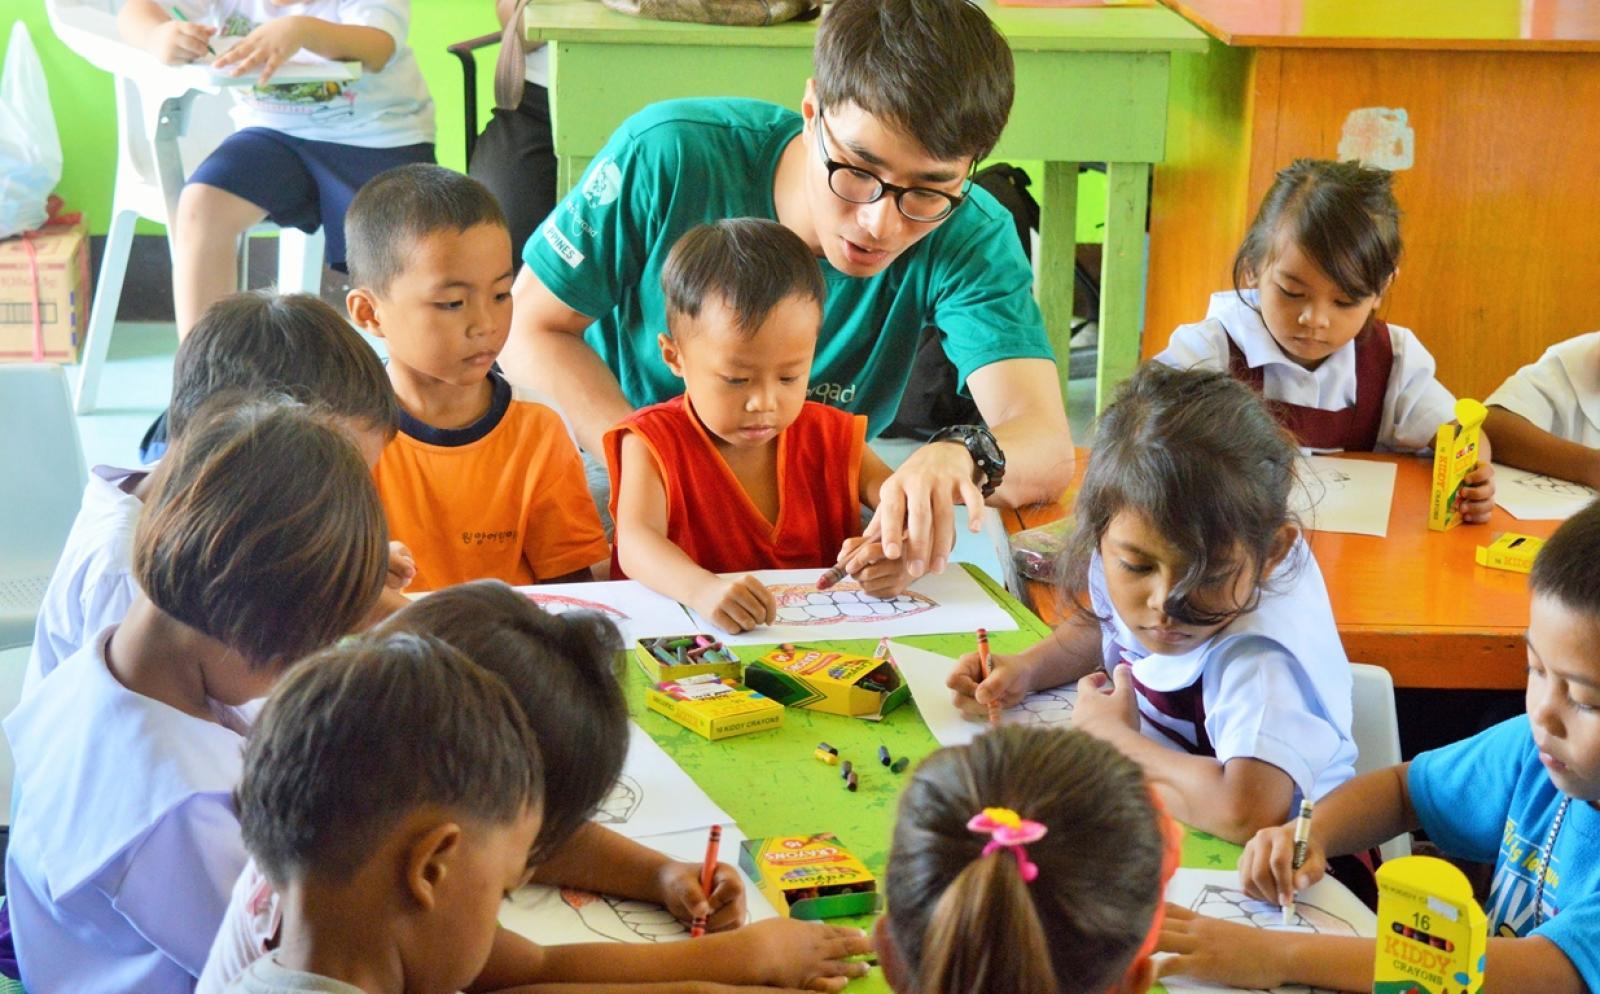 フィリピンの幼稚園で保健衛生指導にあたるチャイルドケアボランティア